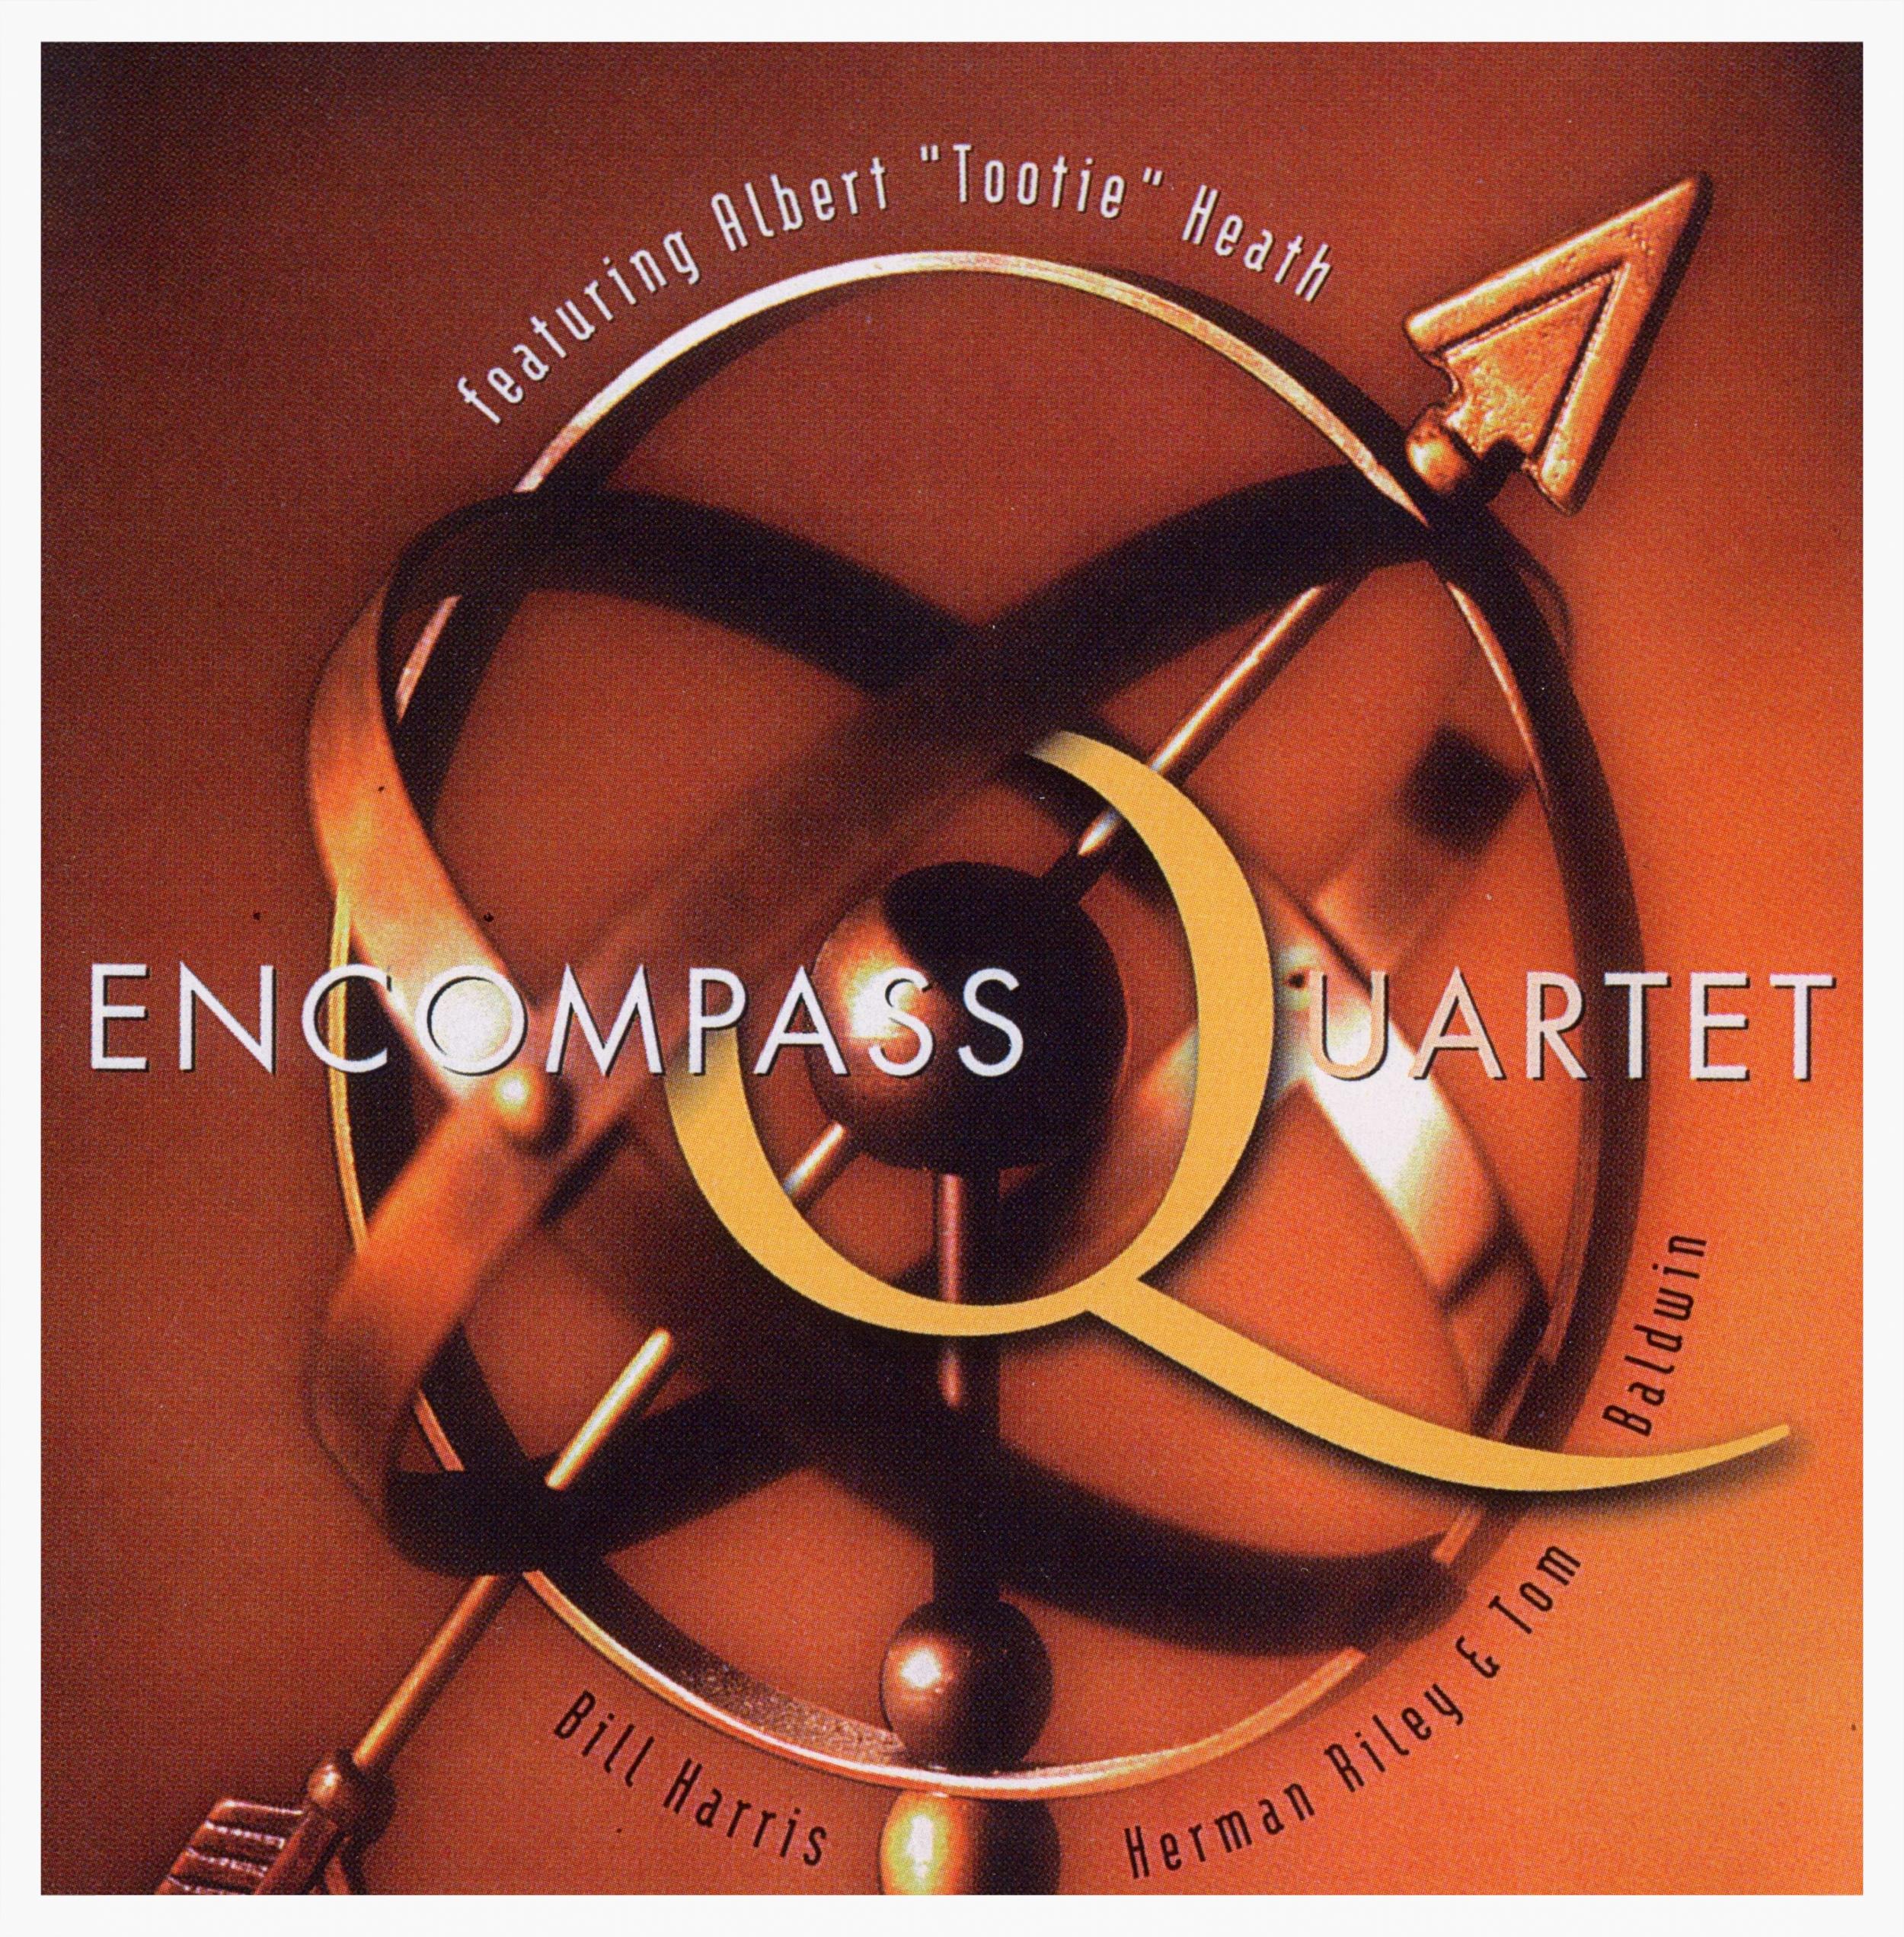 Encompass Quartet